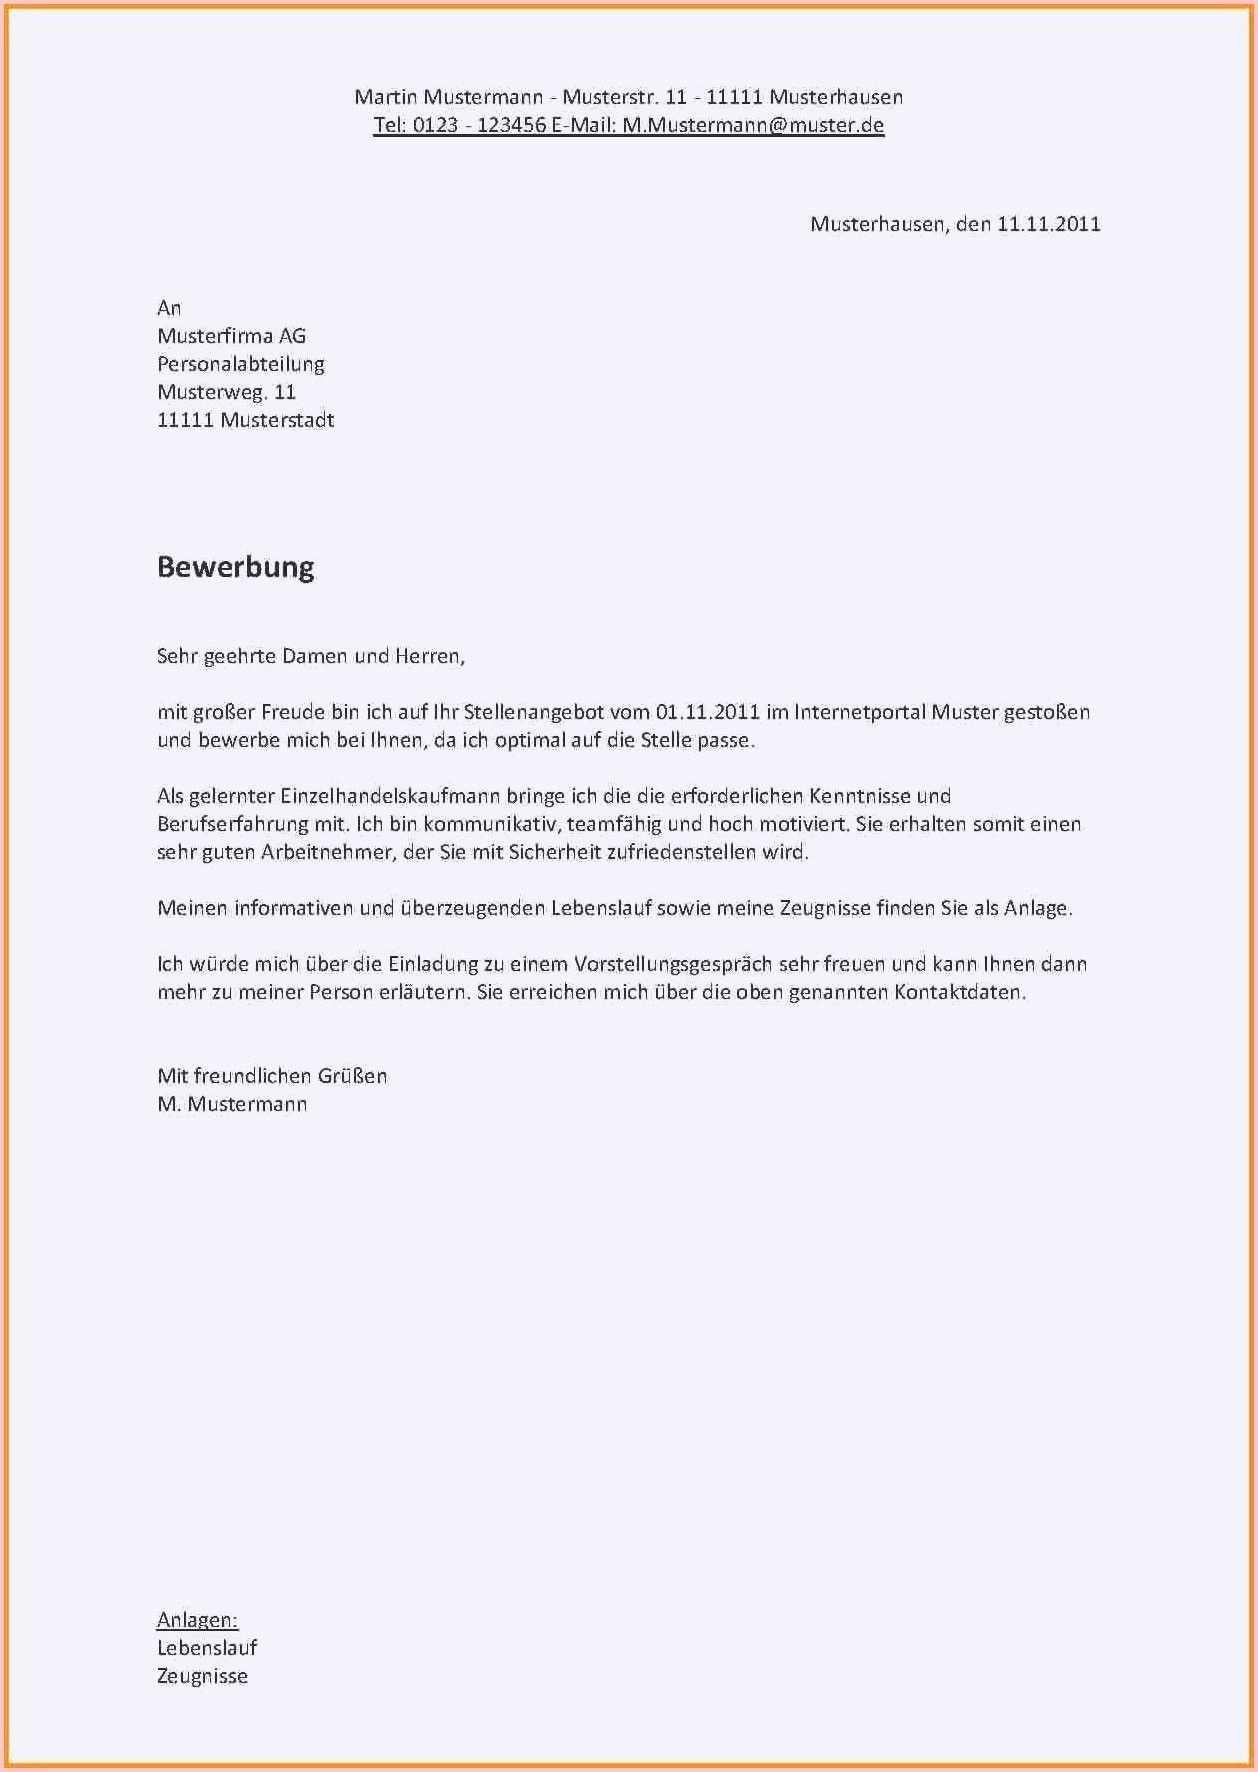 Peek Und Cloppenburg Bewerbung Lebenslaufvorlage Kostenlos Bewerbung Schreiben Lebenslauf Muster